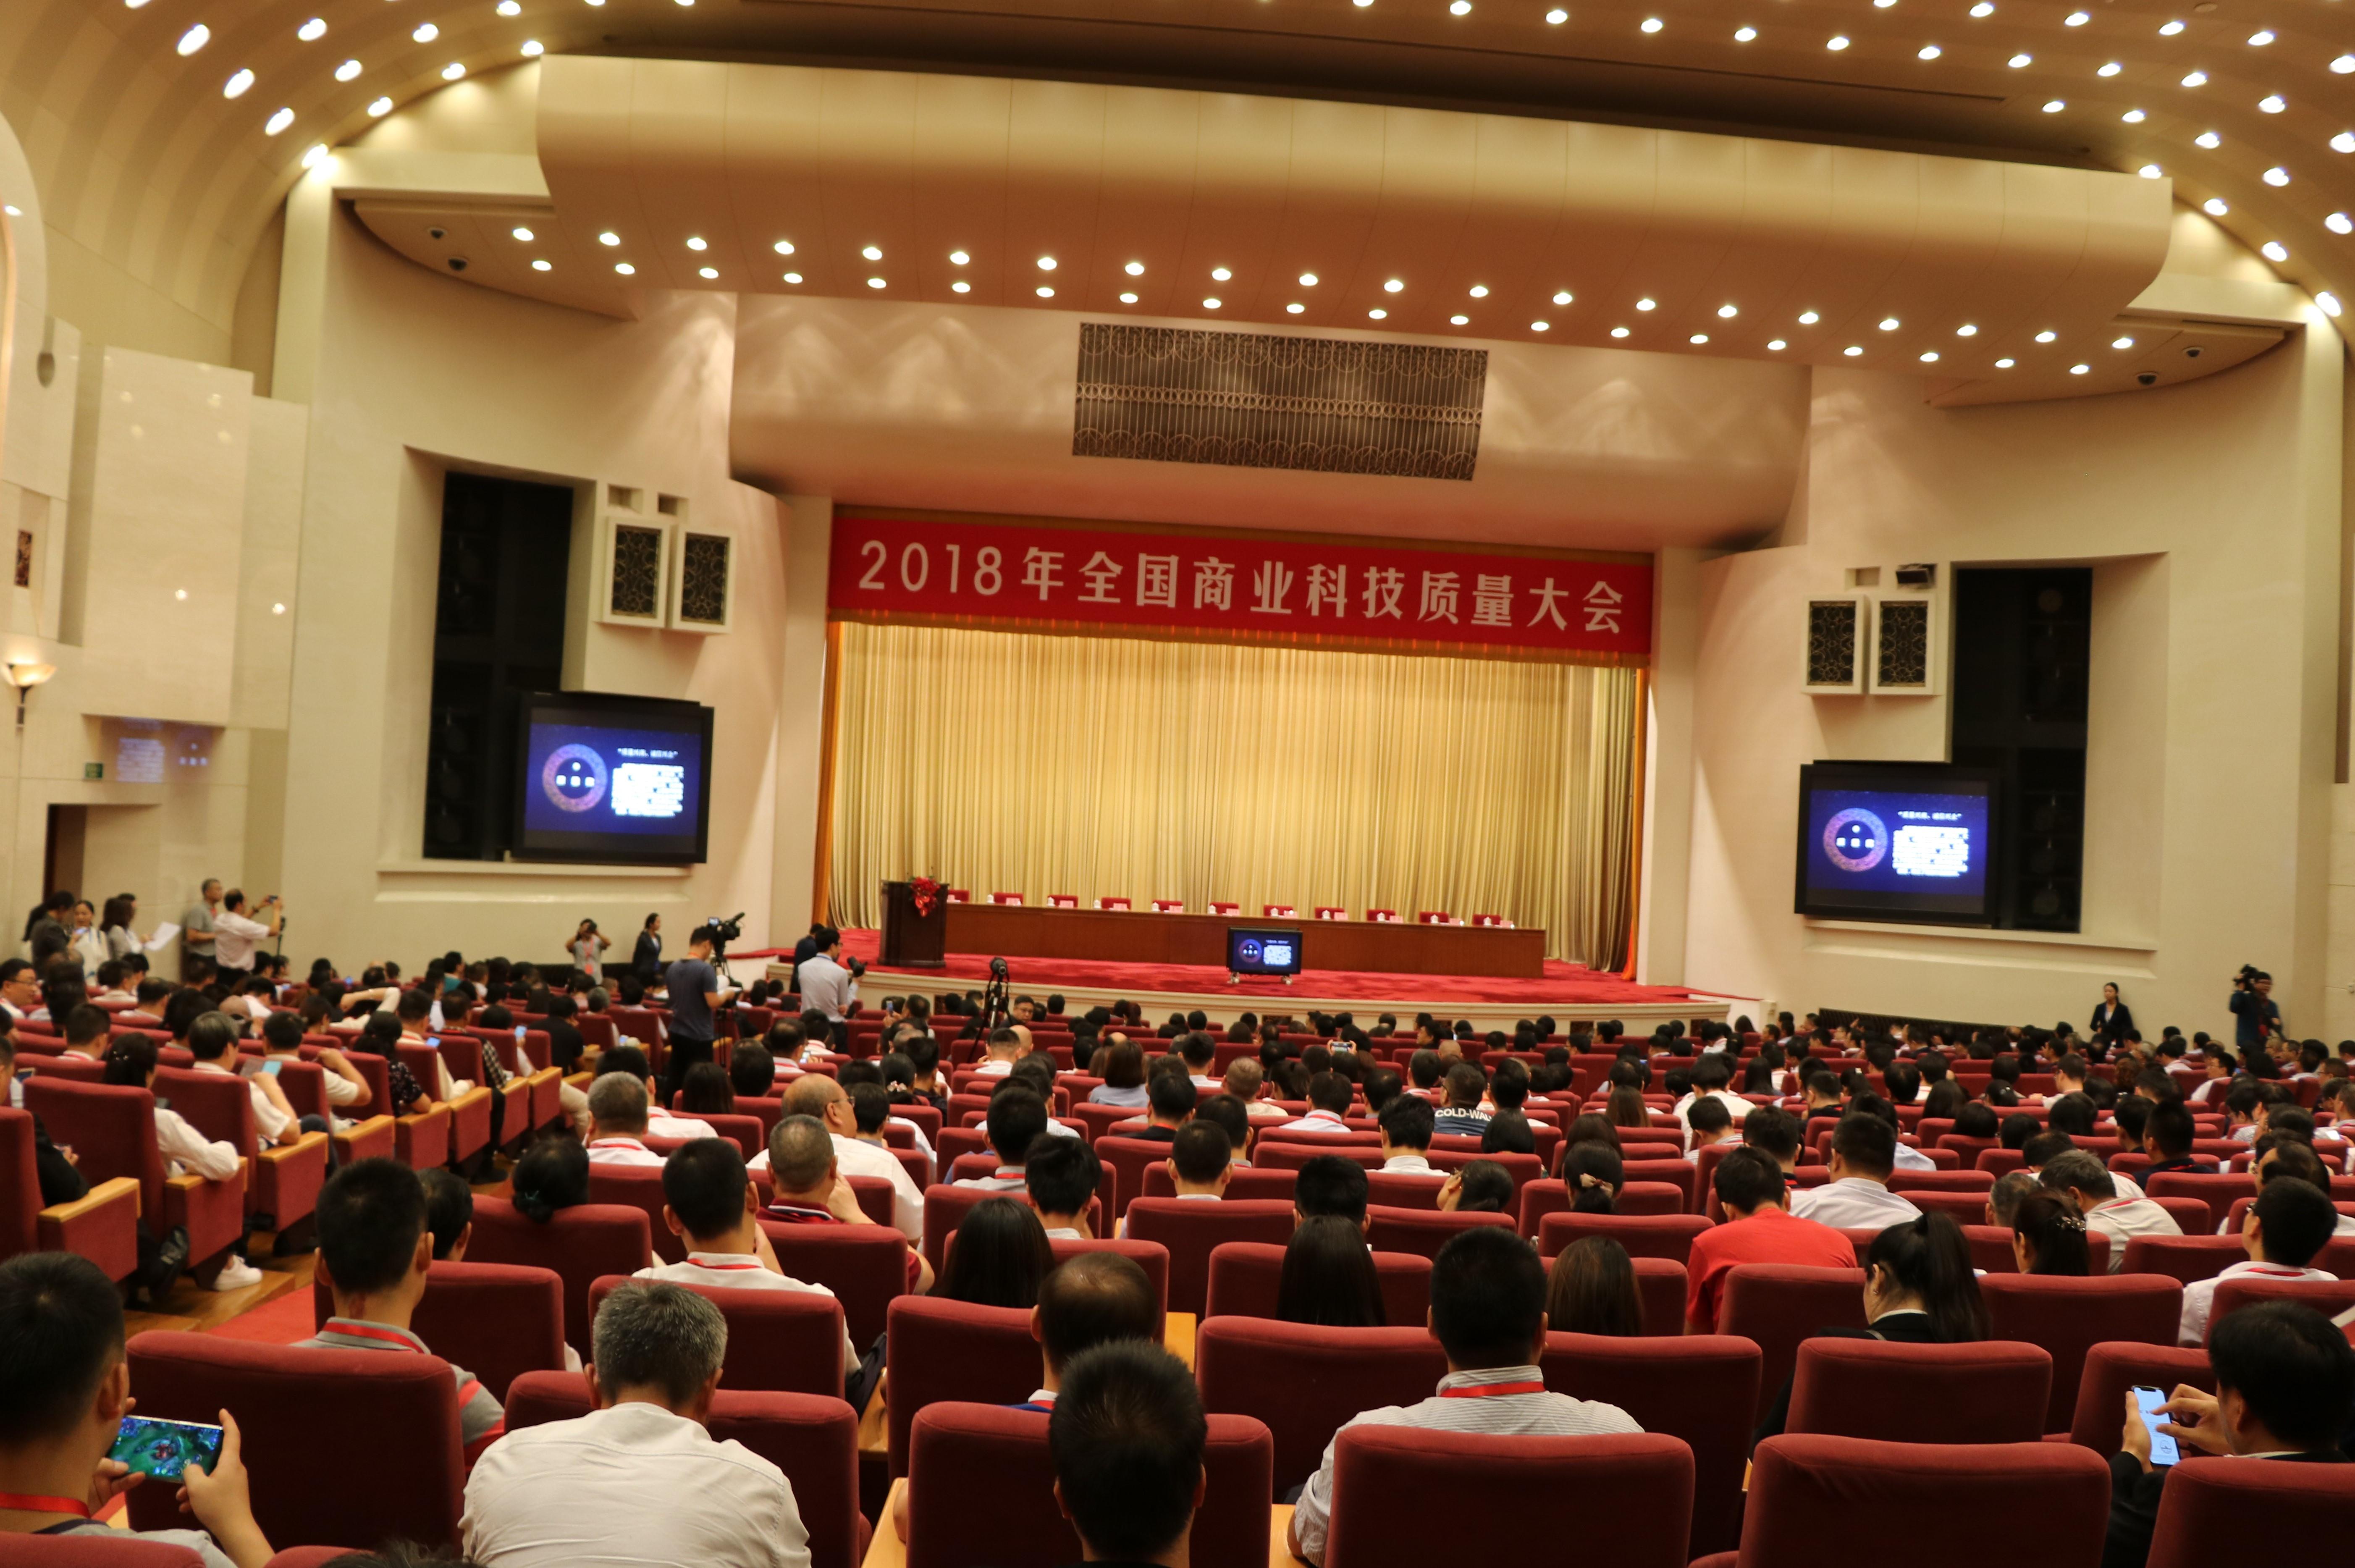 重磅!四川碳世界科技有限公司在北京人民大会堂喜获殊荣!